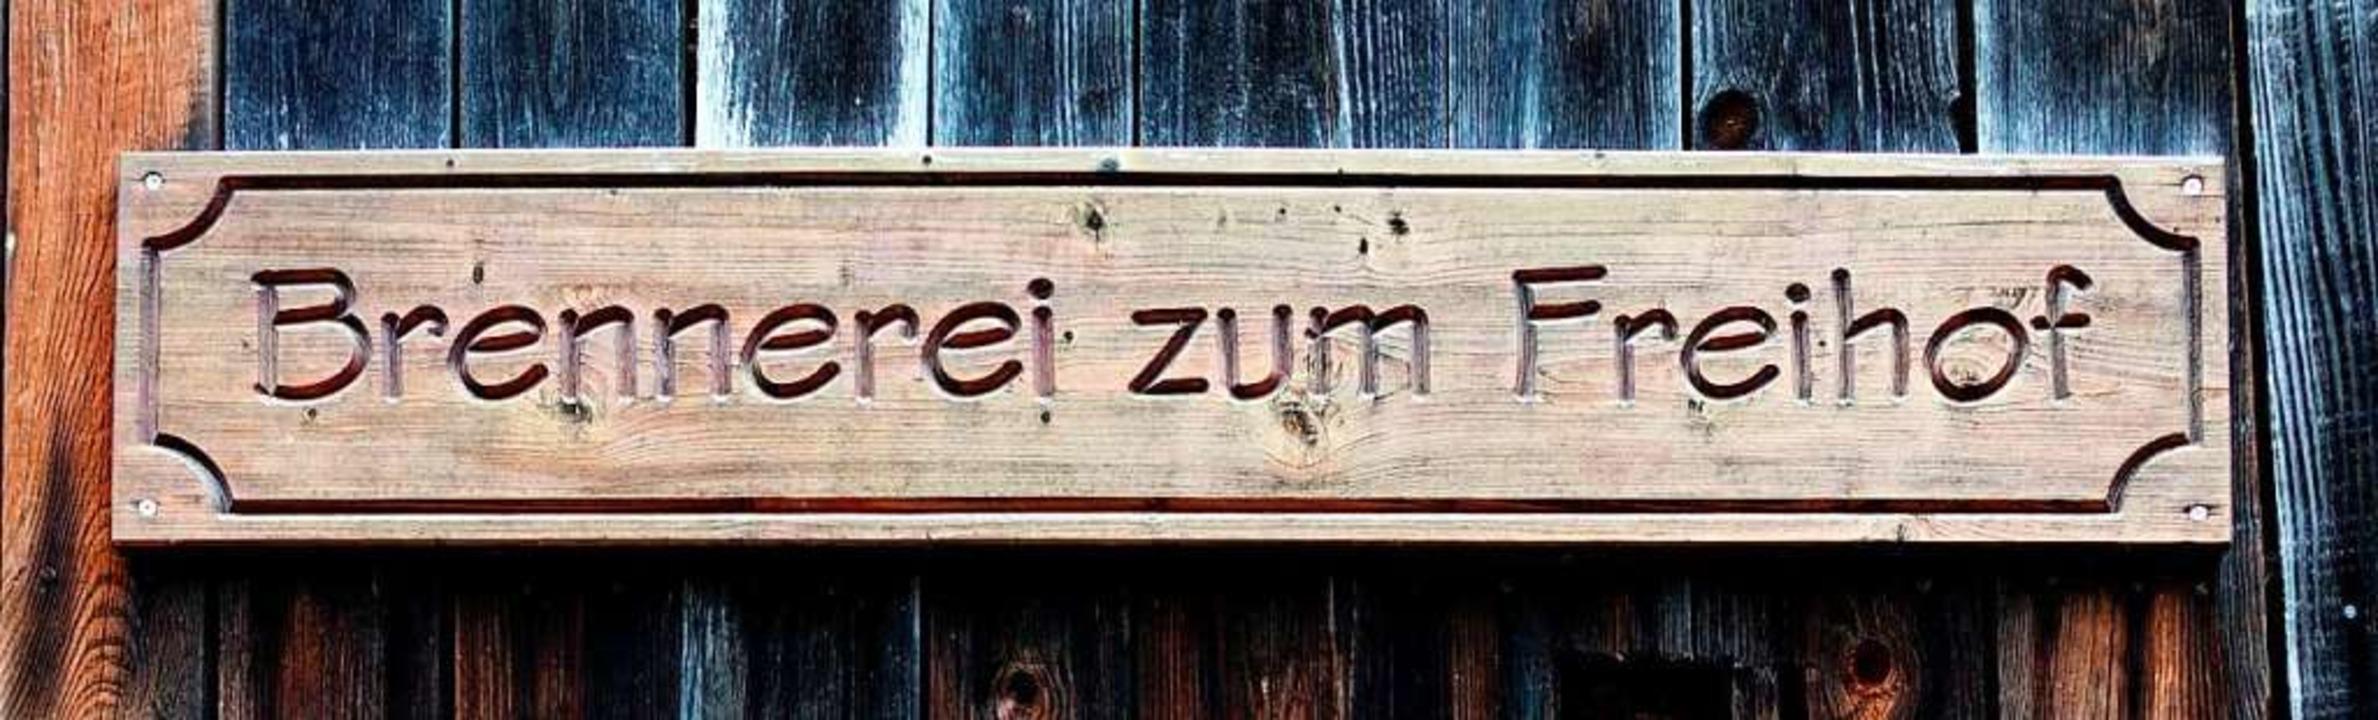 Eine neue Attraktion in Freiamts Museu...aft wird am heutigen Freitag eröffnet.    Foto: Jürgen Schneider